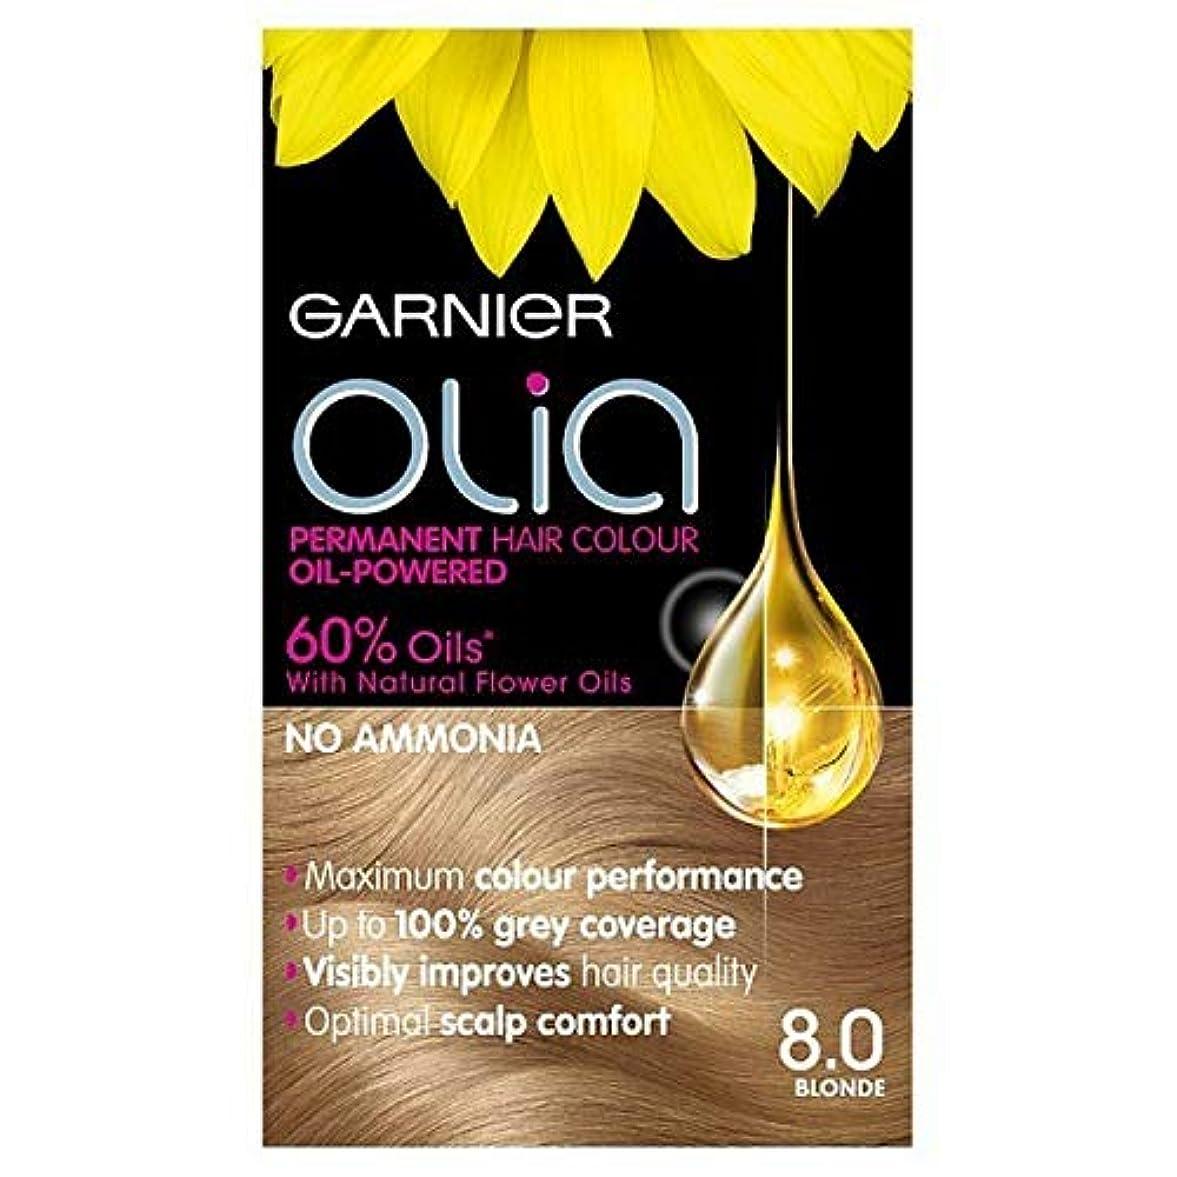 空虚オークション文言[Garnier ] 8.0ブロンドガルニエOliaパーマネントヘアダイ - Garnier Olia Permanent Hair Dye Blonde 8.0 [並行輸入品]